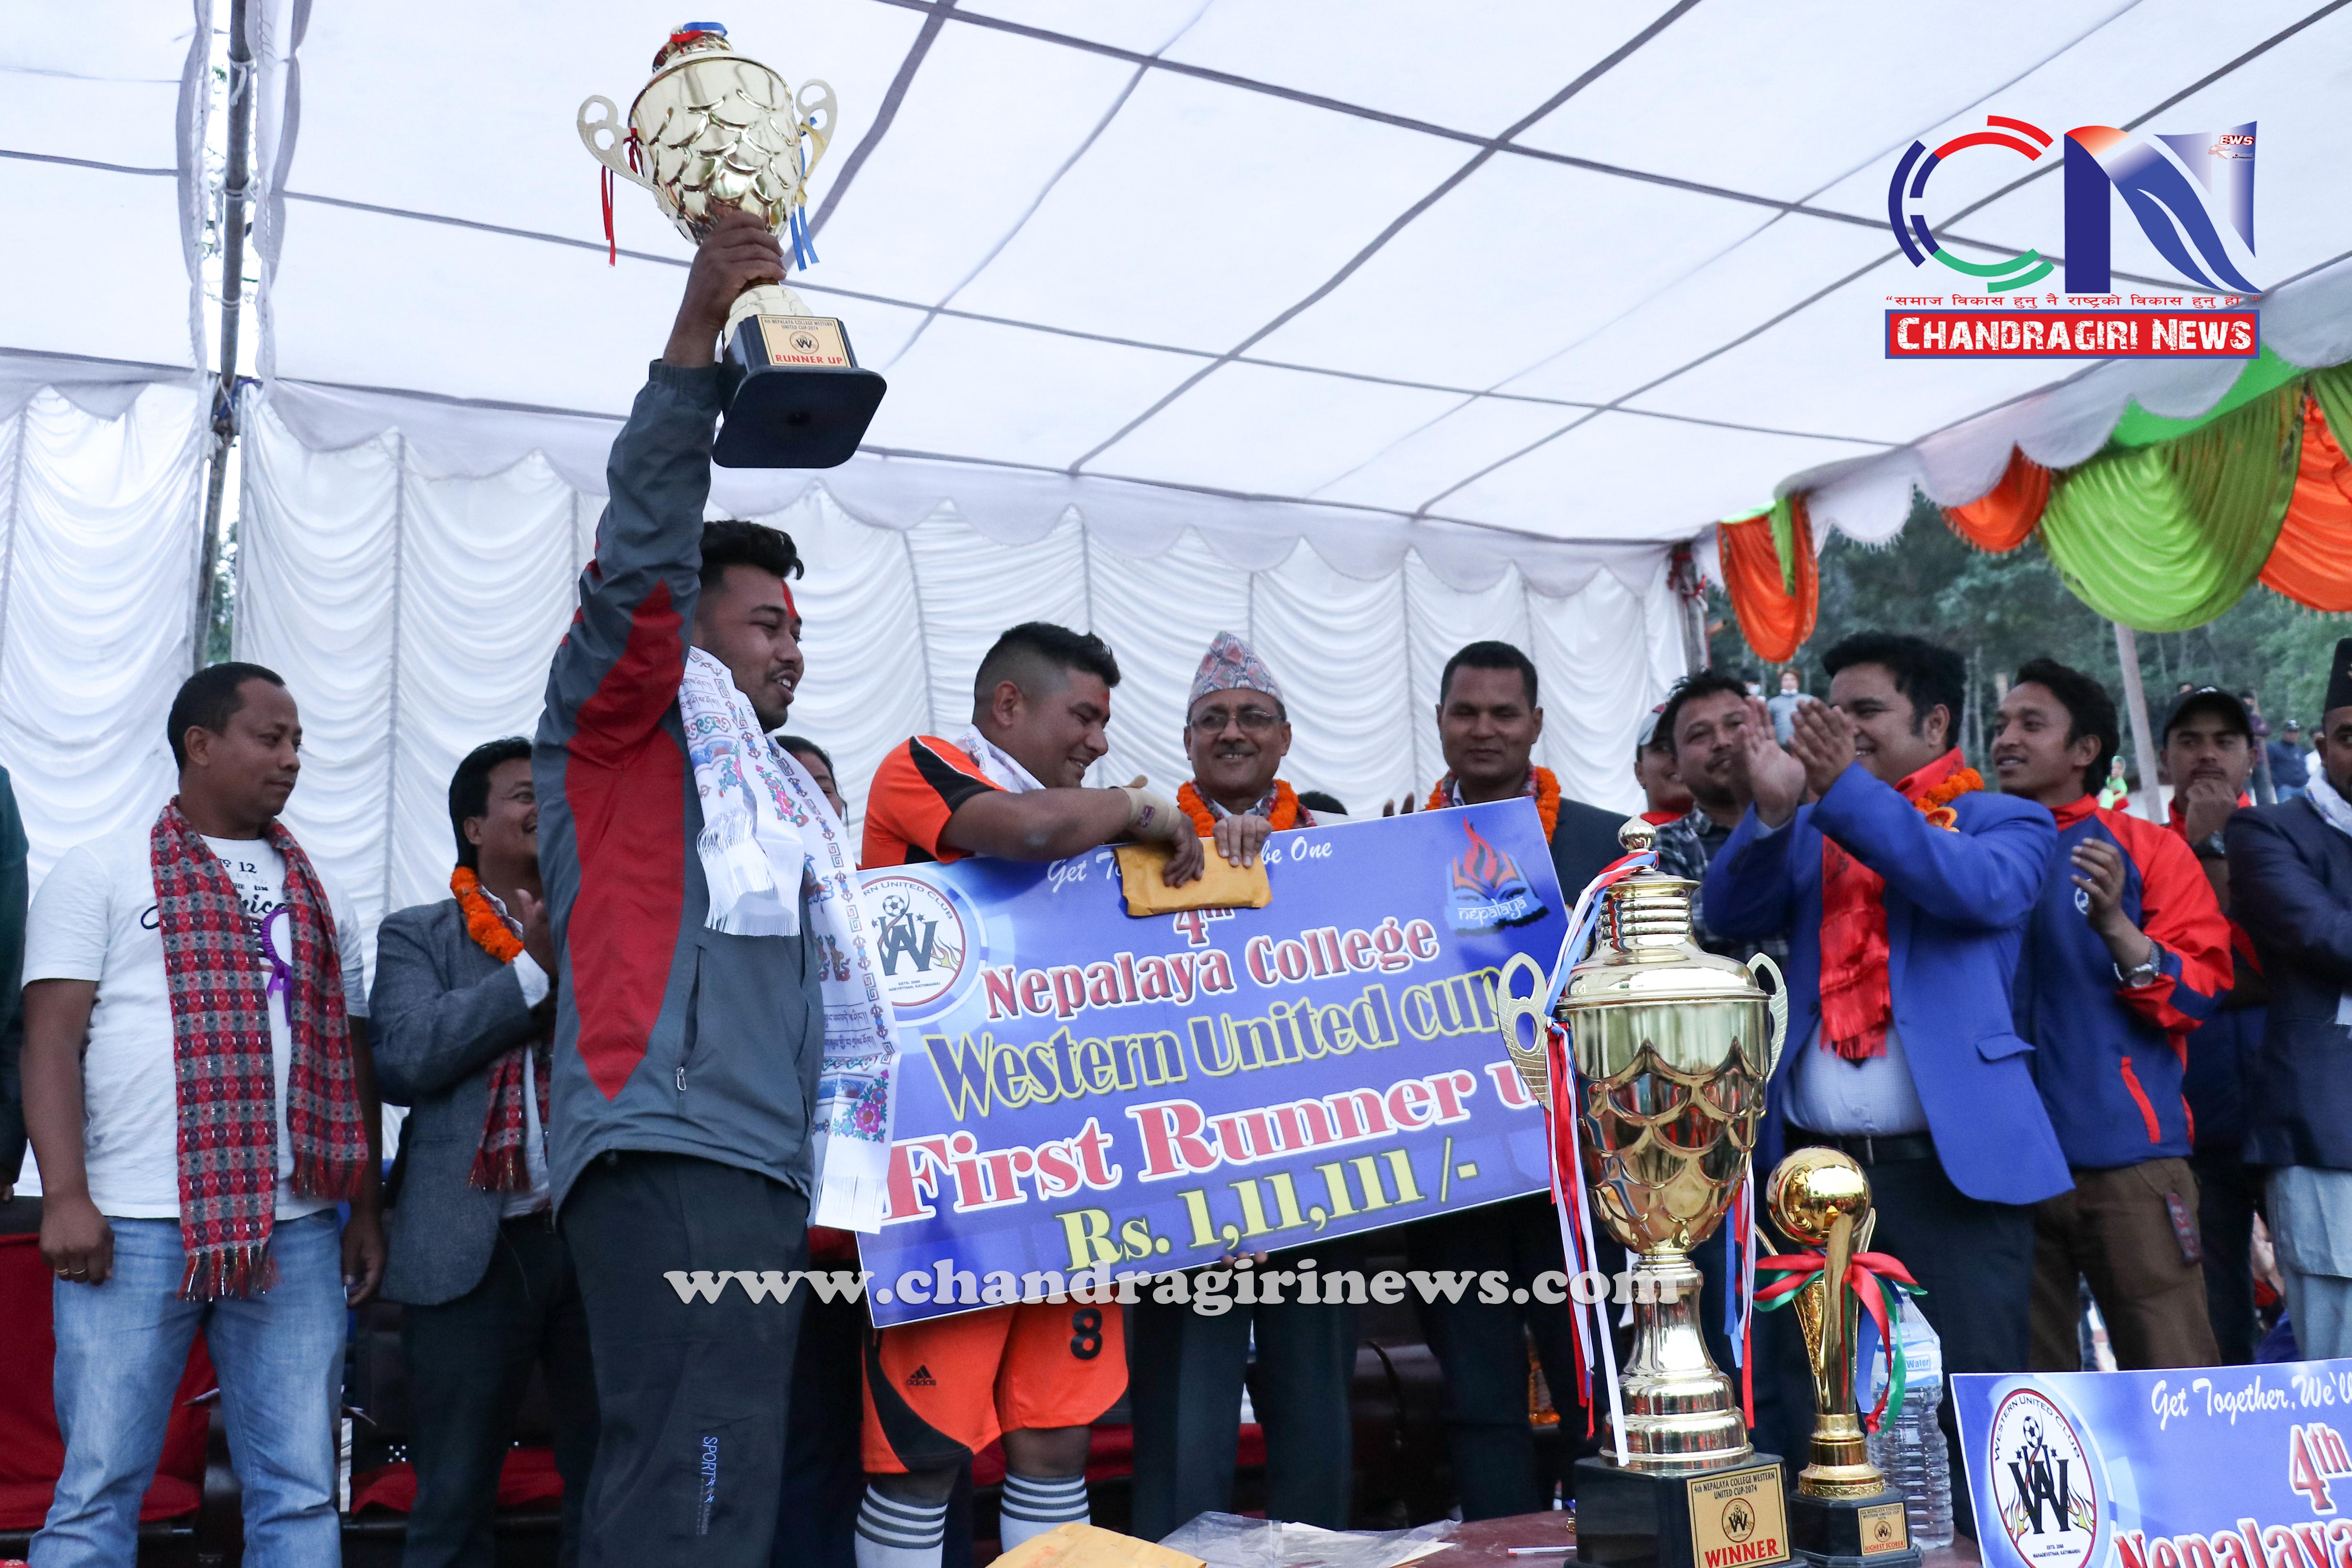 Chandragirinews western-united-final-5 नेपालय वइस्टर्न यूनाइटेड फुटबलको उपाधि टिम स्पिड न्यूरोडलाई खेलकुद ब्रेकिंग न्युज मुख्य    chandragiri